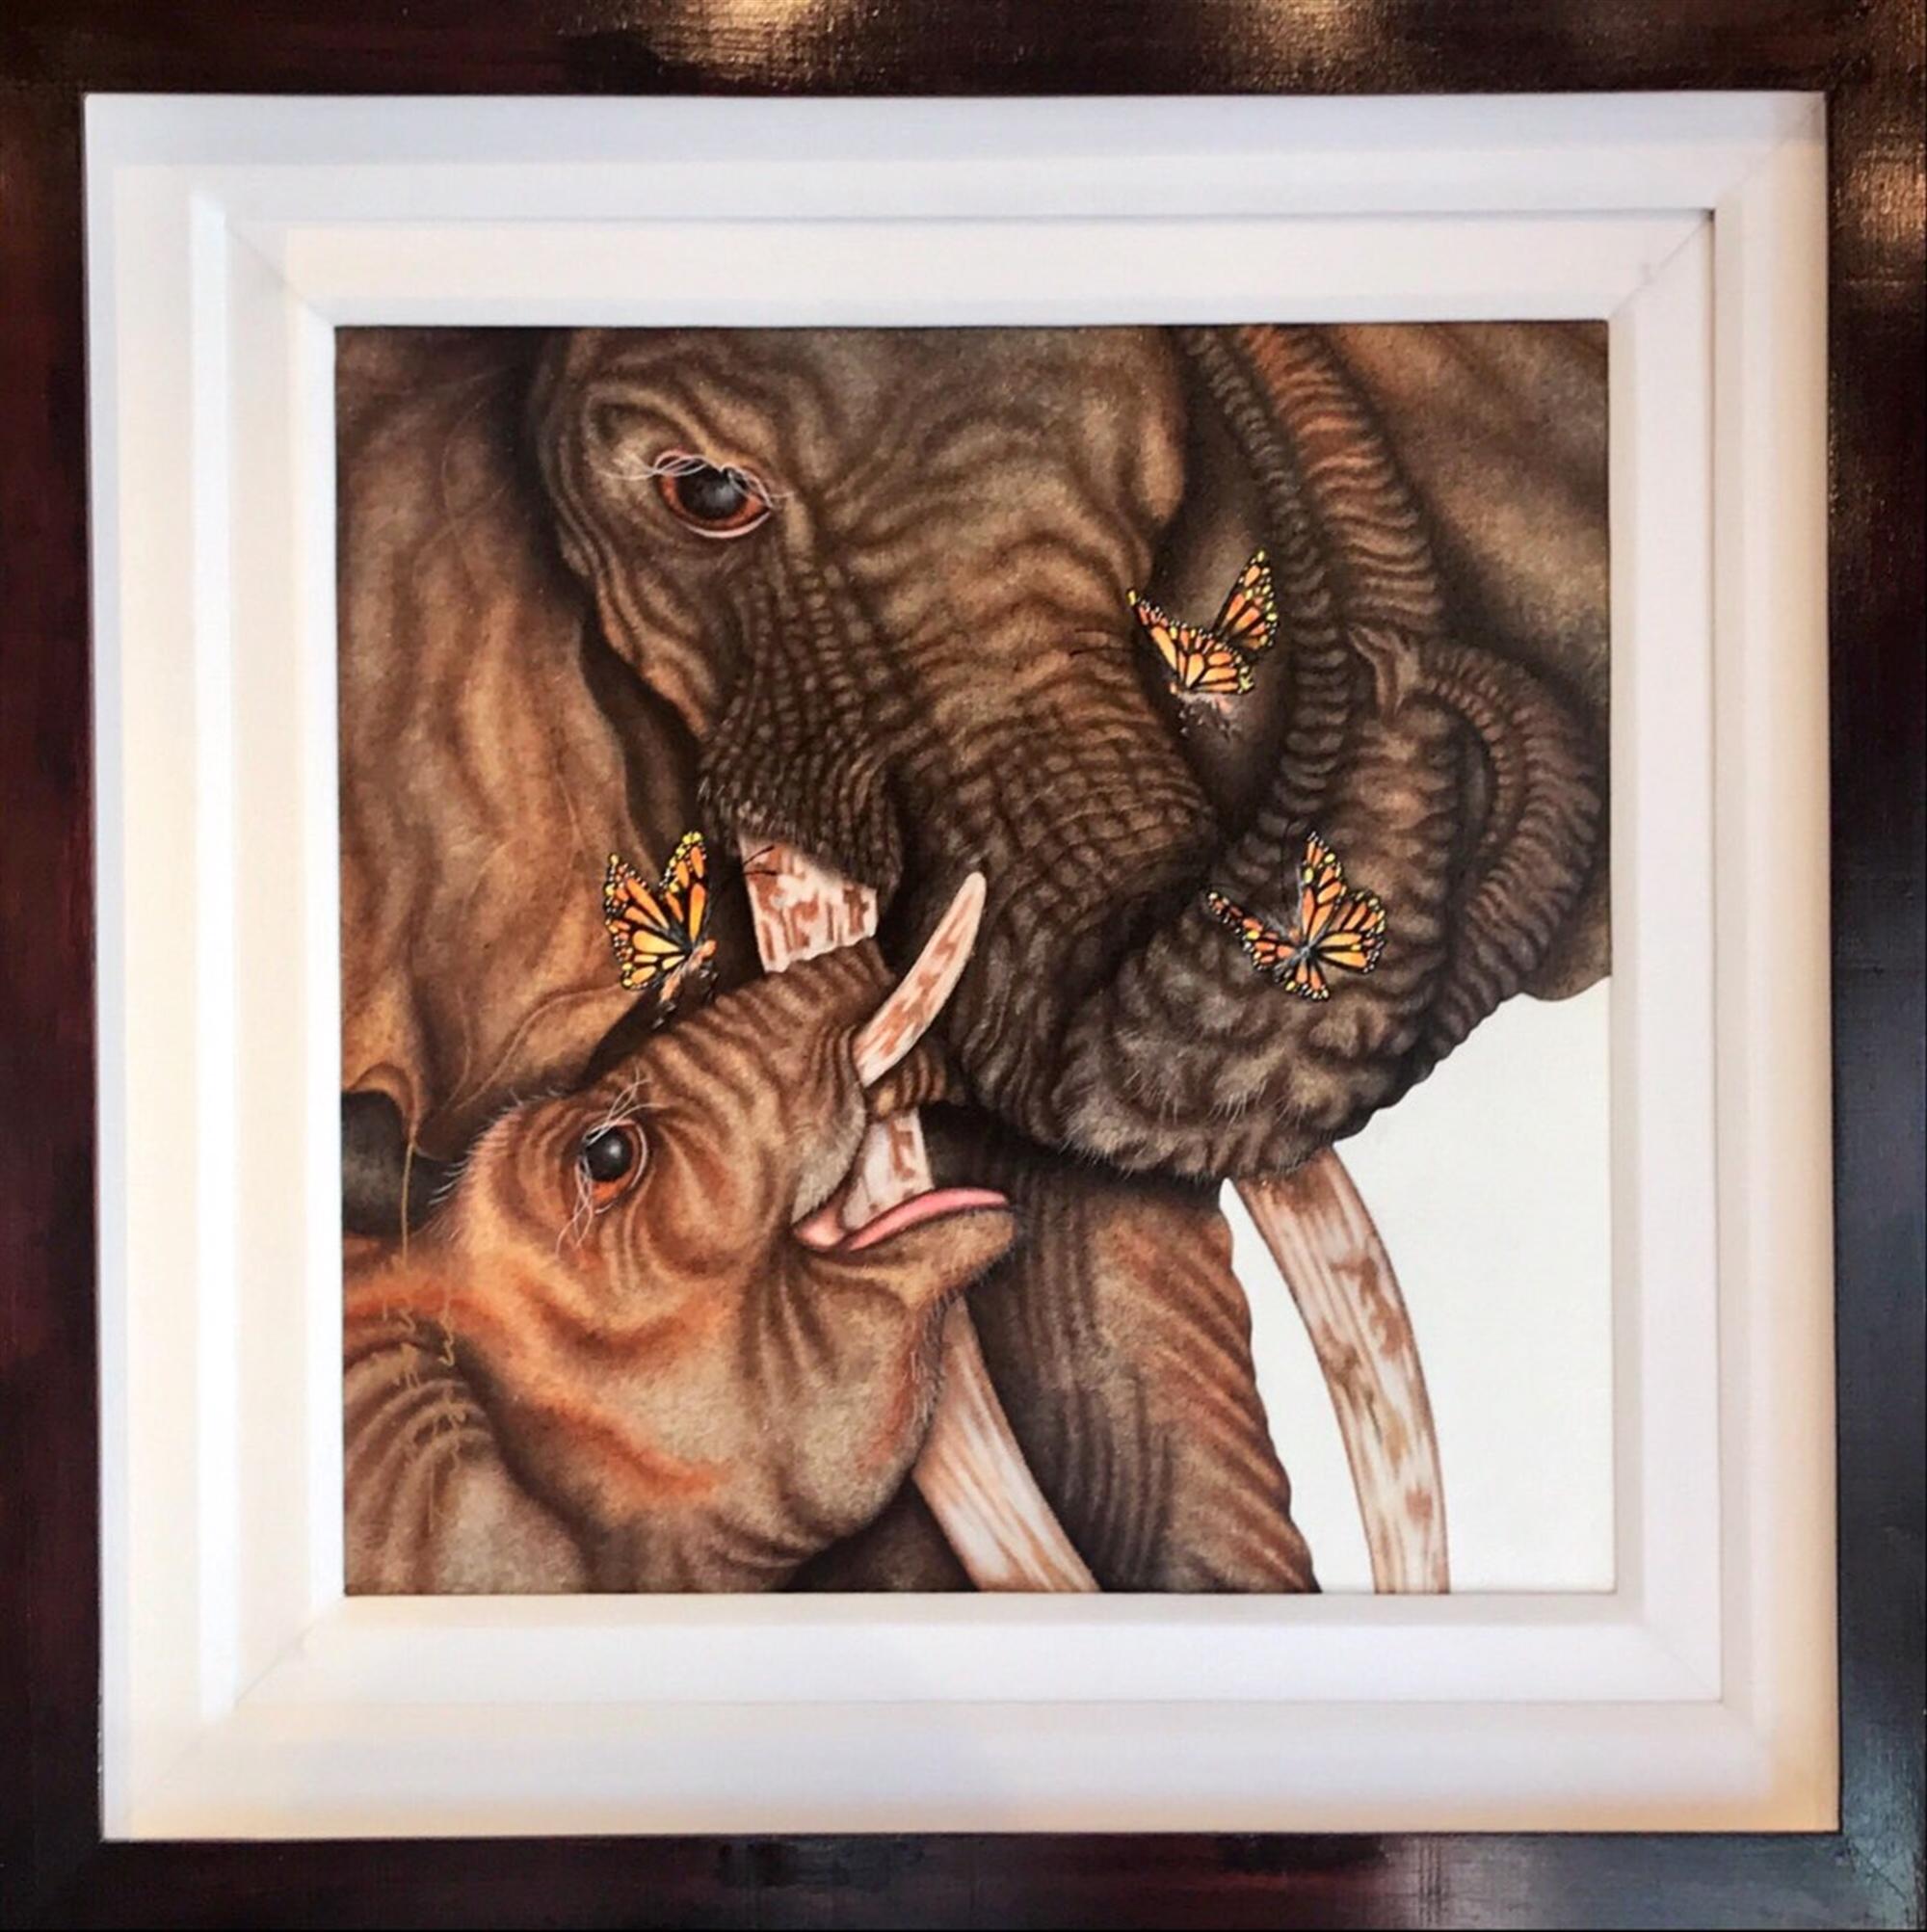 Elephant Sanctuary by Luis Sottil